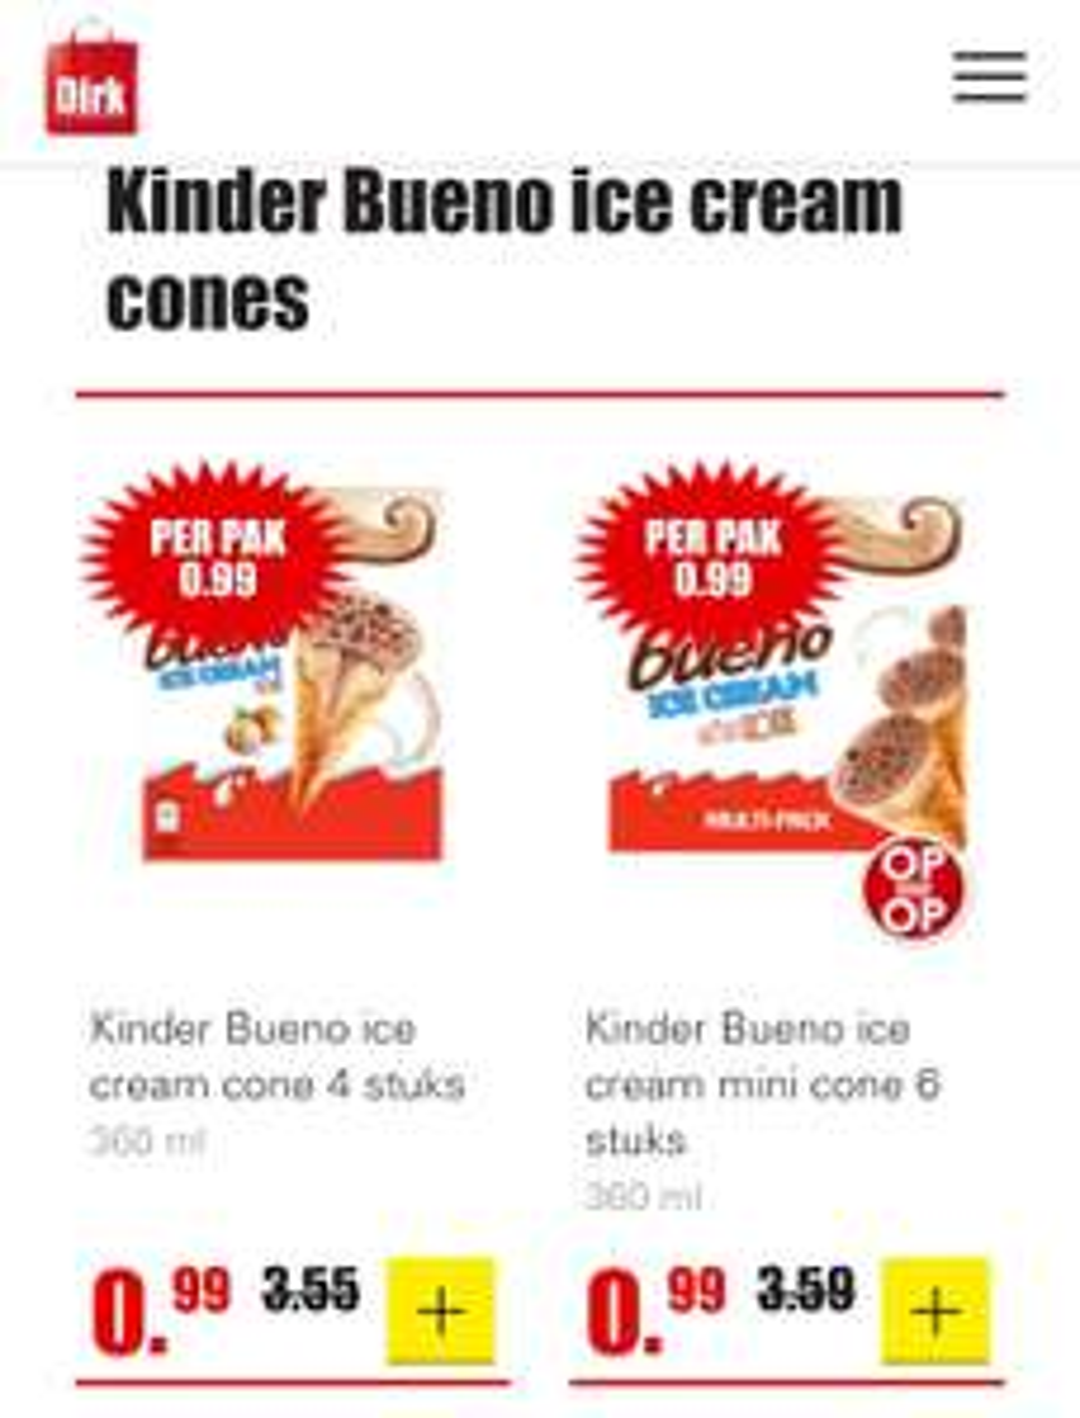 Dirk - Kinder Bueno Ice Cream Cones